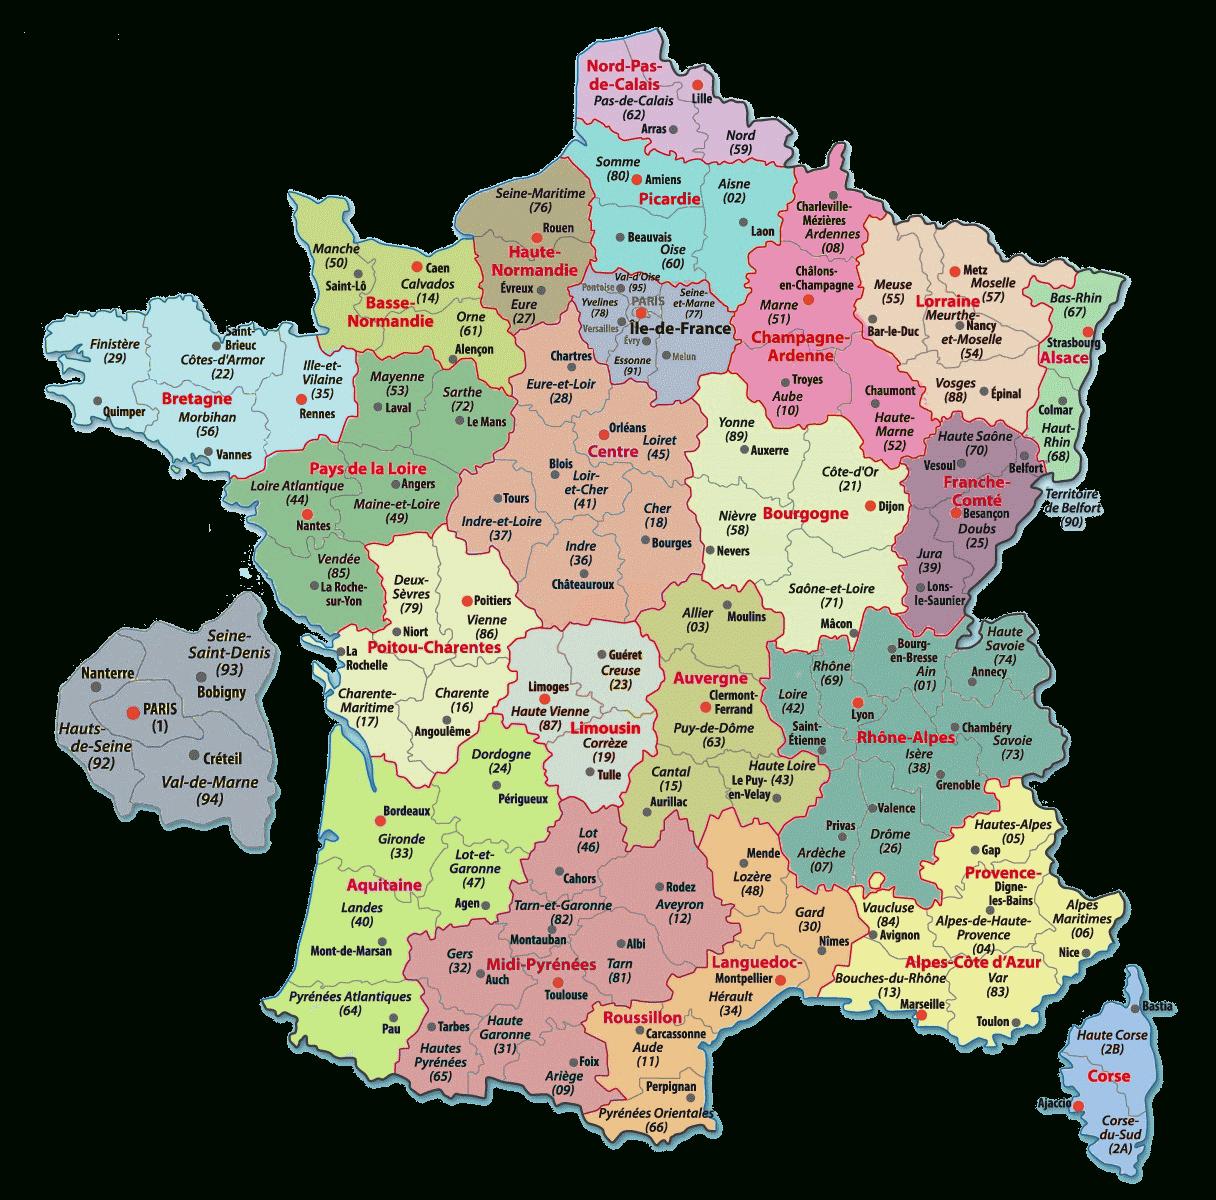 Carte De France Departements : Carte Des Départements De France intérieur Carte De La France Avec Les Régions